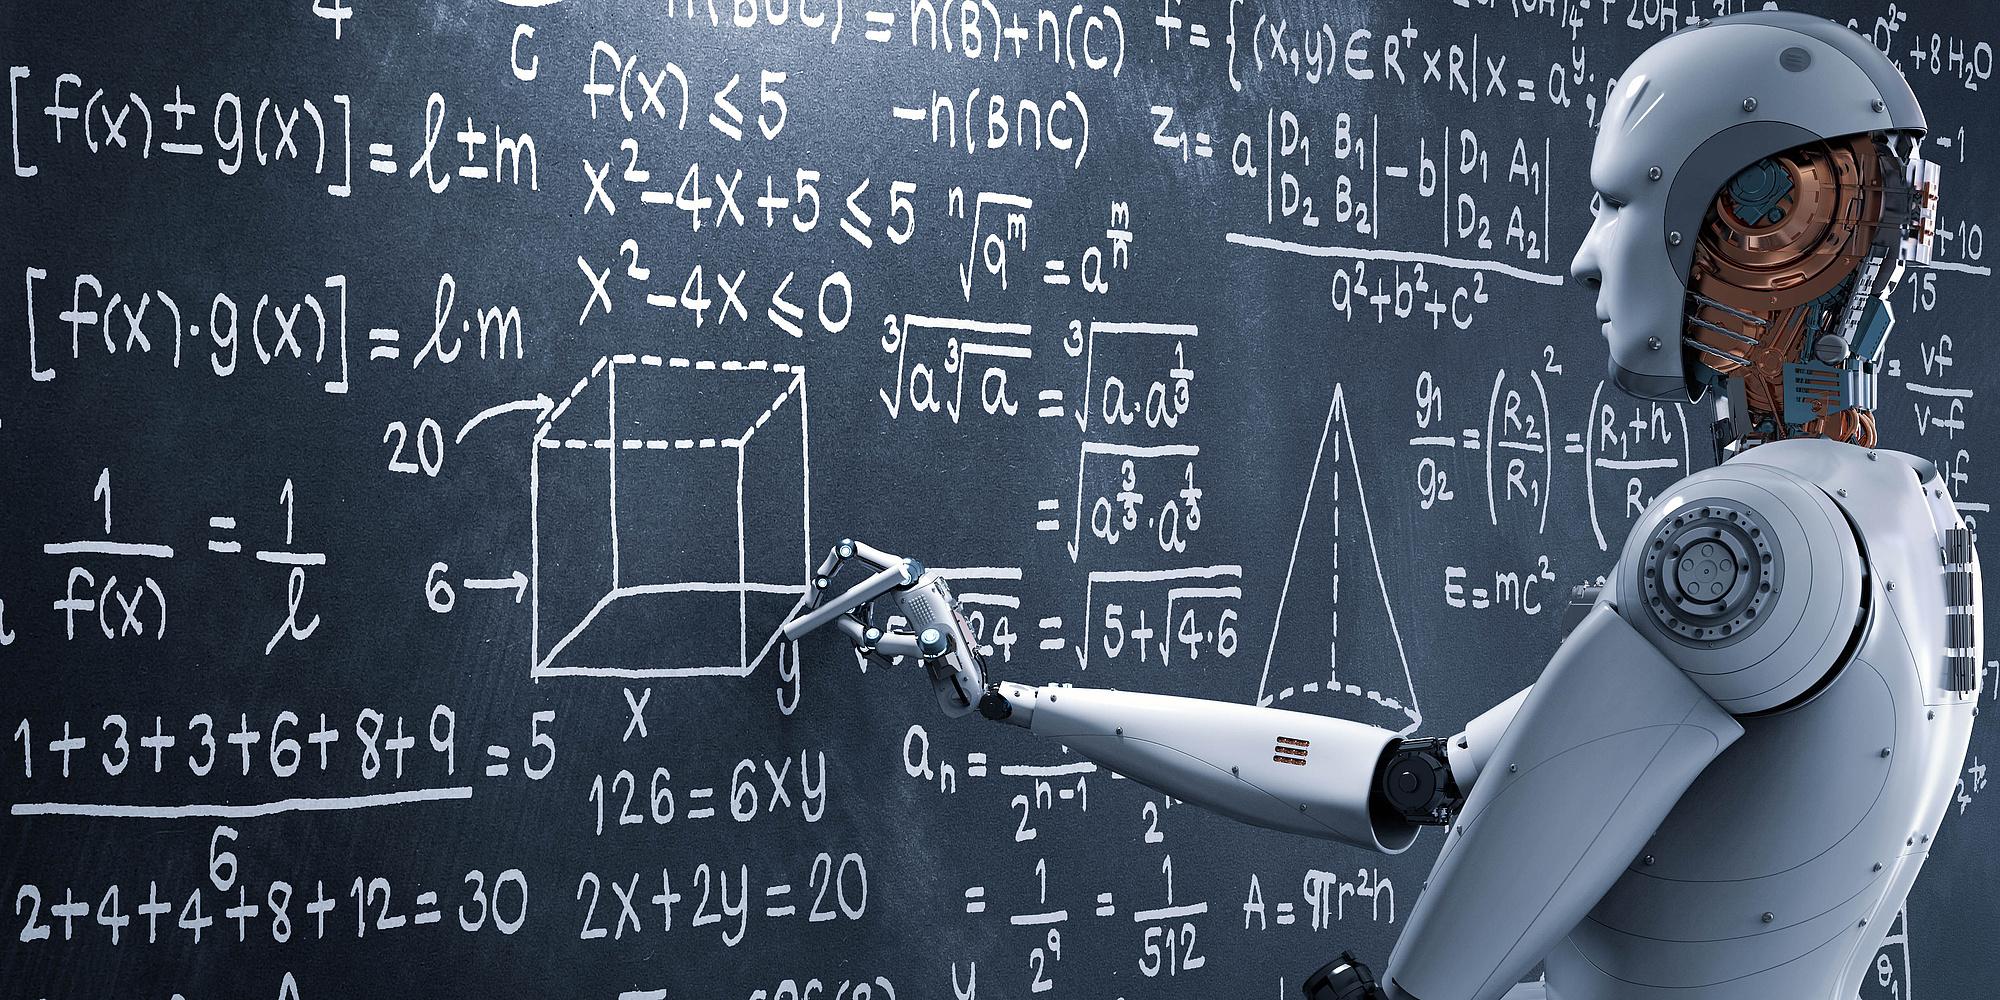 Roboter schreibt Formeln an eine Tafel